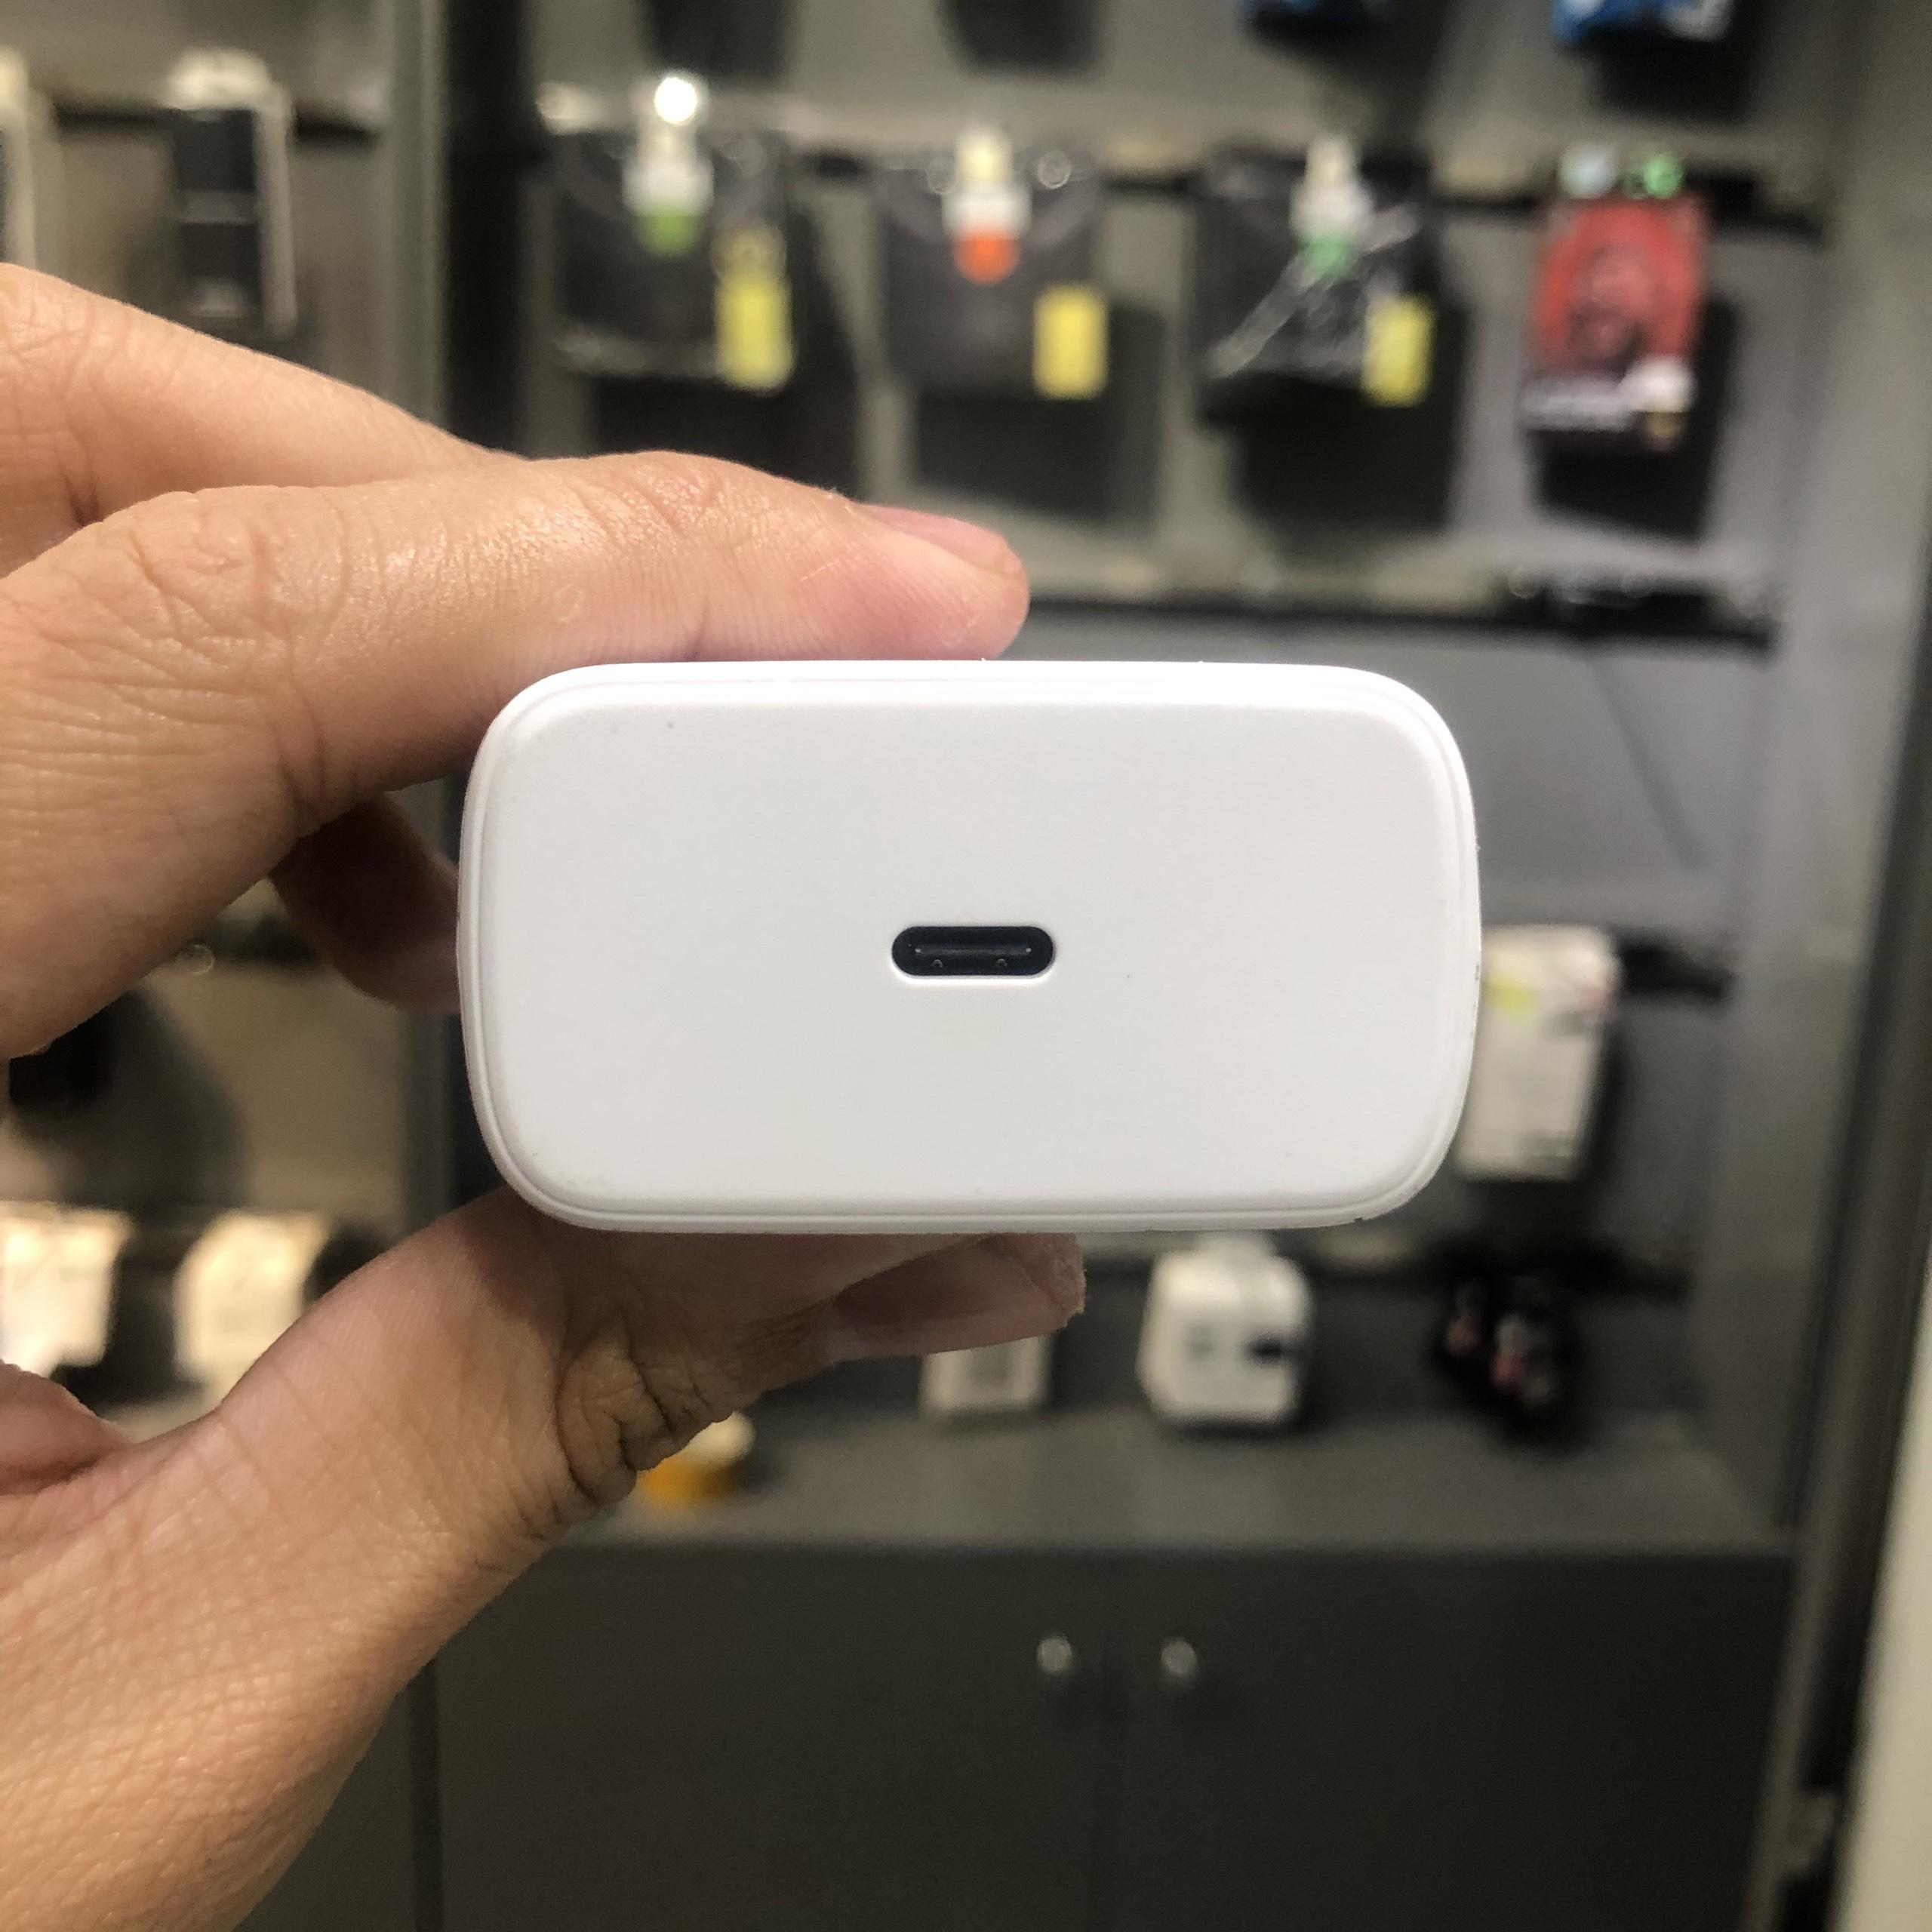 Bộ Sạc Siêu Nhanh Samsung 45W Chuẩn PD Cho Note 20 EP-TA845 - Hàng Chính Hãng